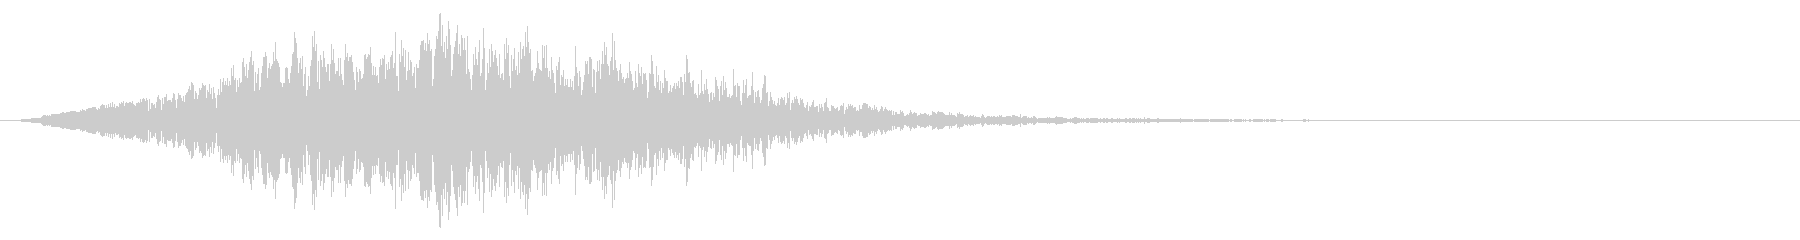 メカやロボの起動音「ブーン!」8の未再生の波形